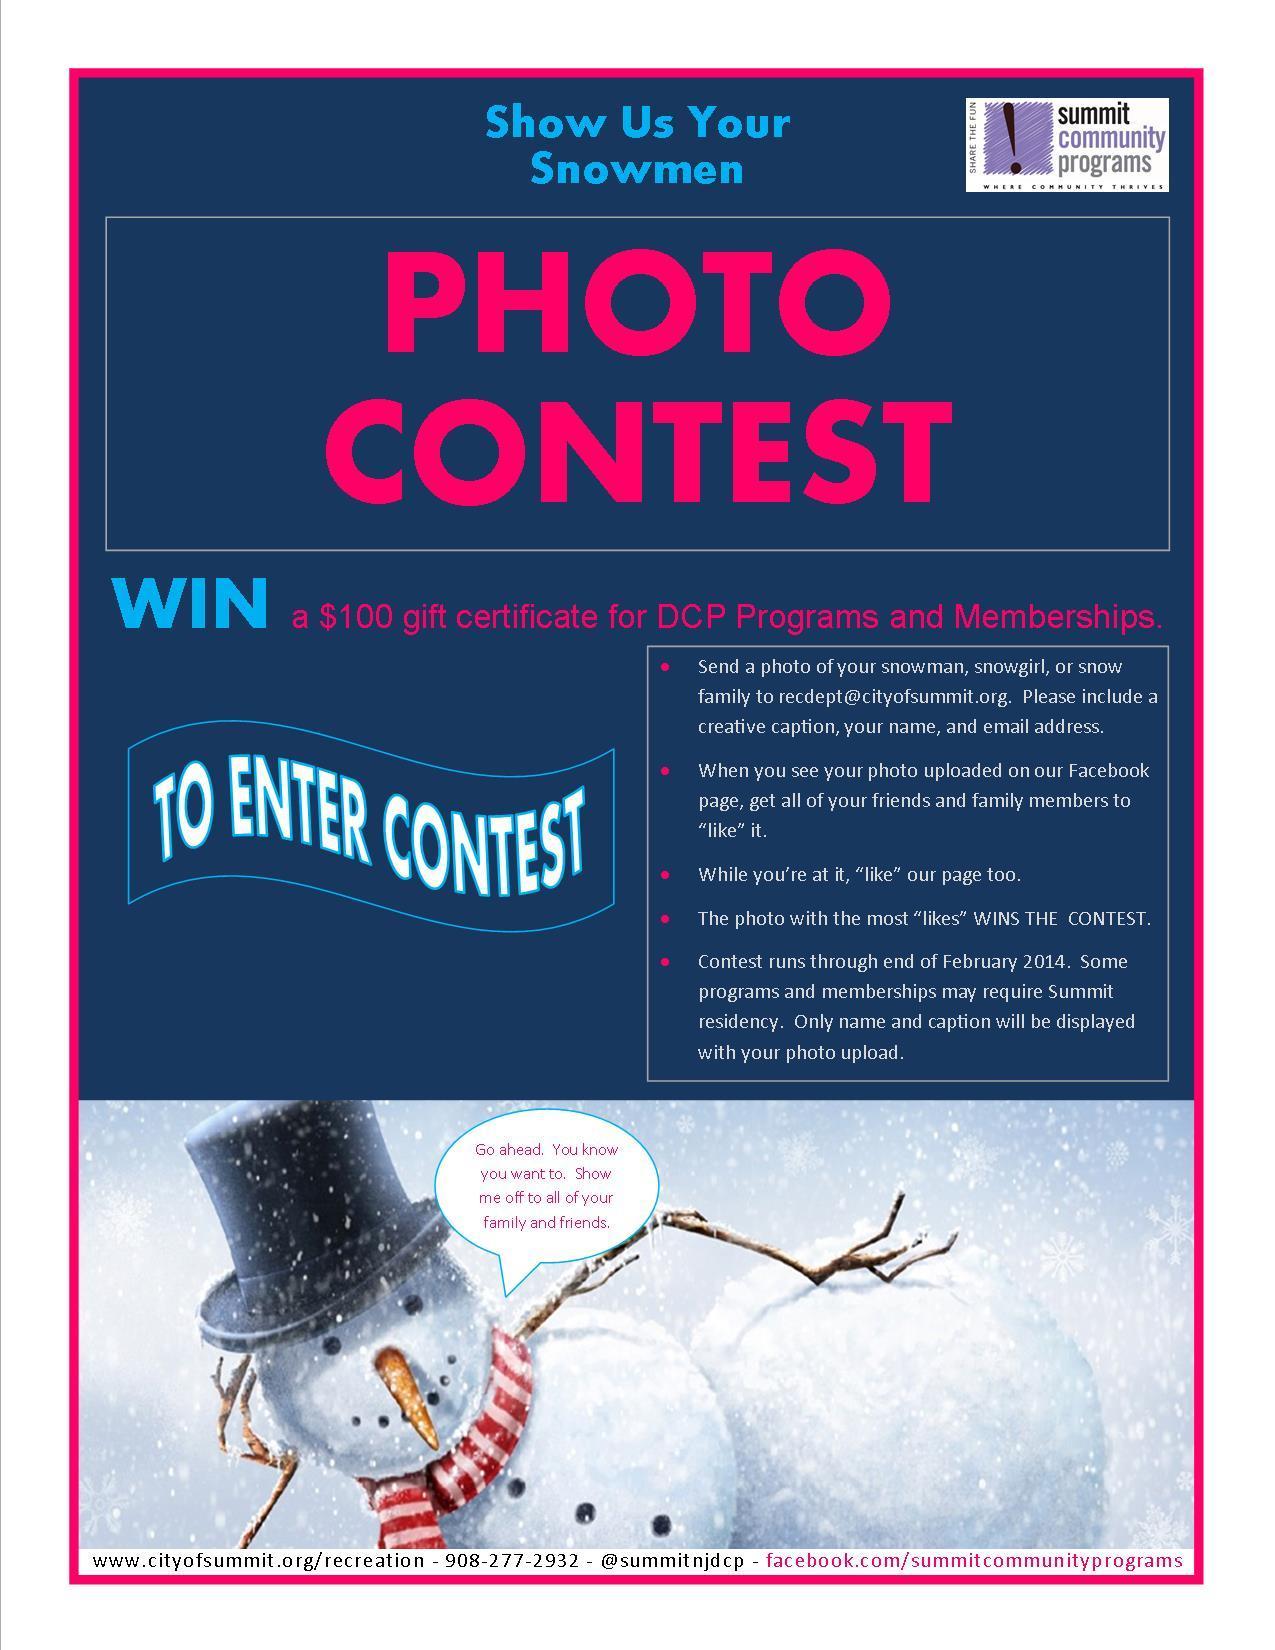 c5f115877c1b2c6e9a90_Snowman_Photo_Contest.jpg